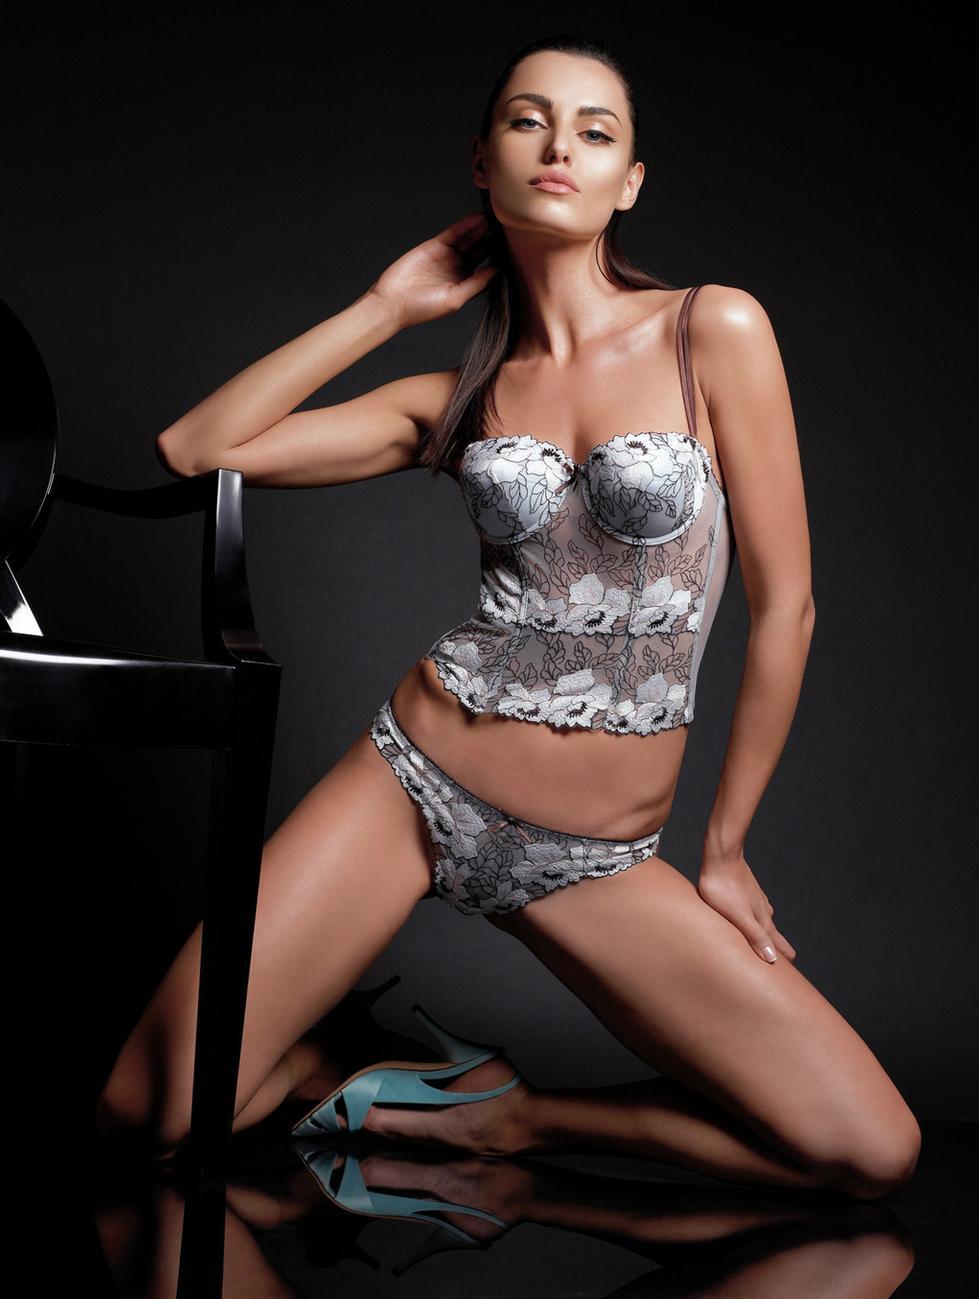 Lingerie Models Catrinel Menghia-6766